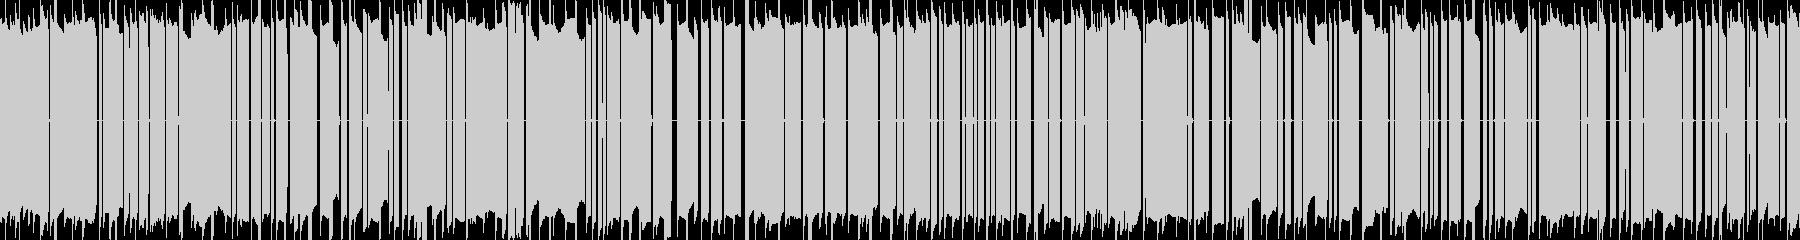 データ解析中の音や暗号解析前の音声 の未再生の波形